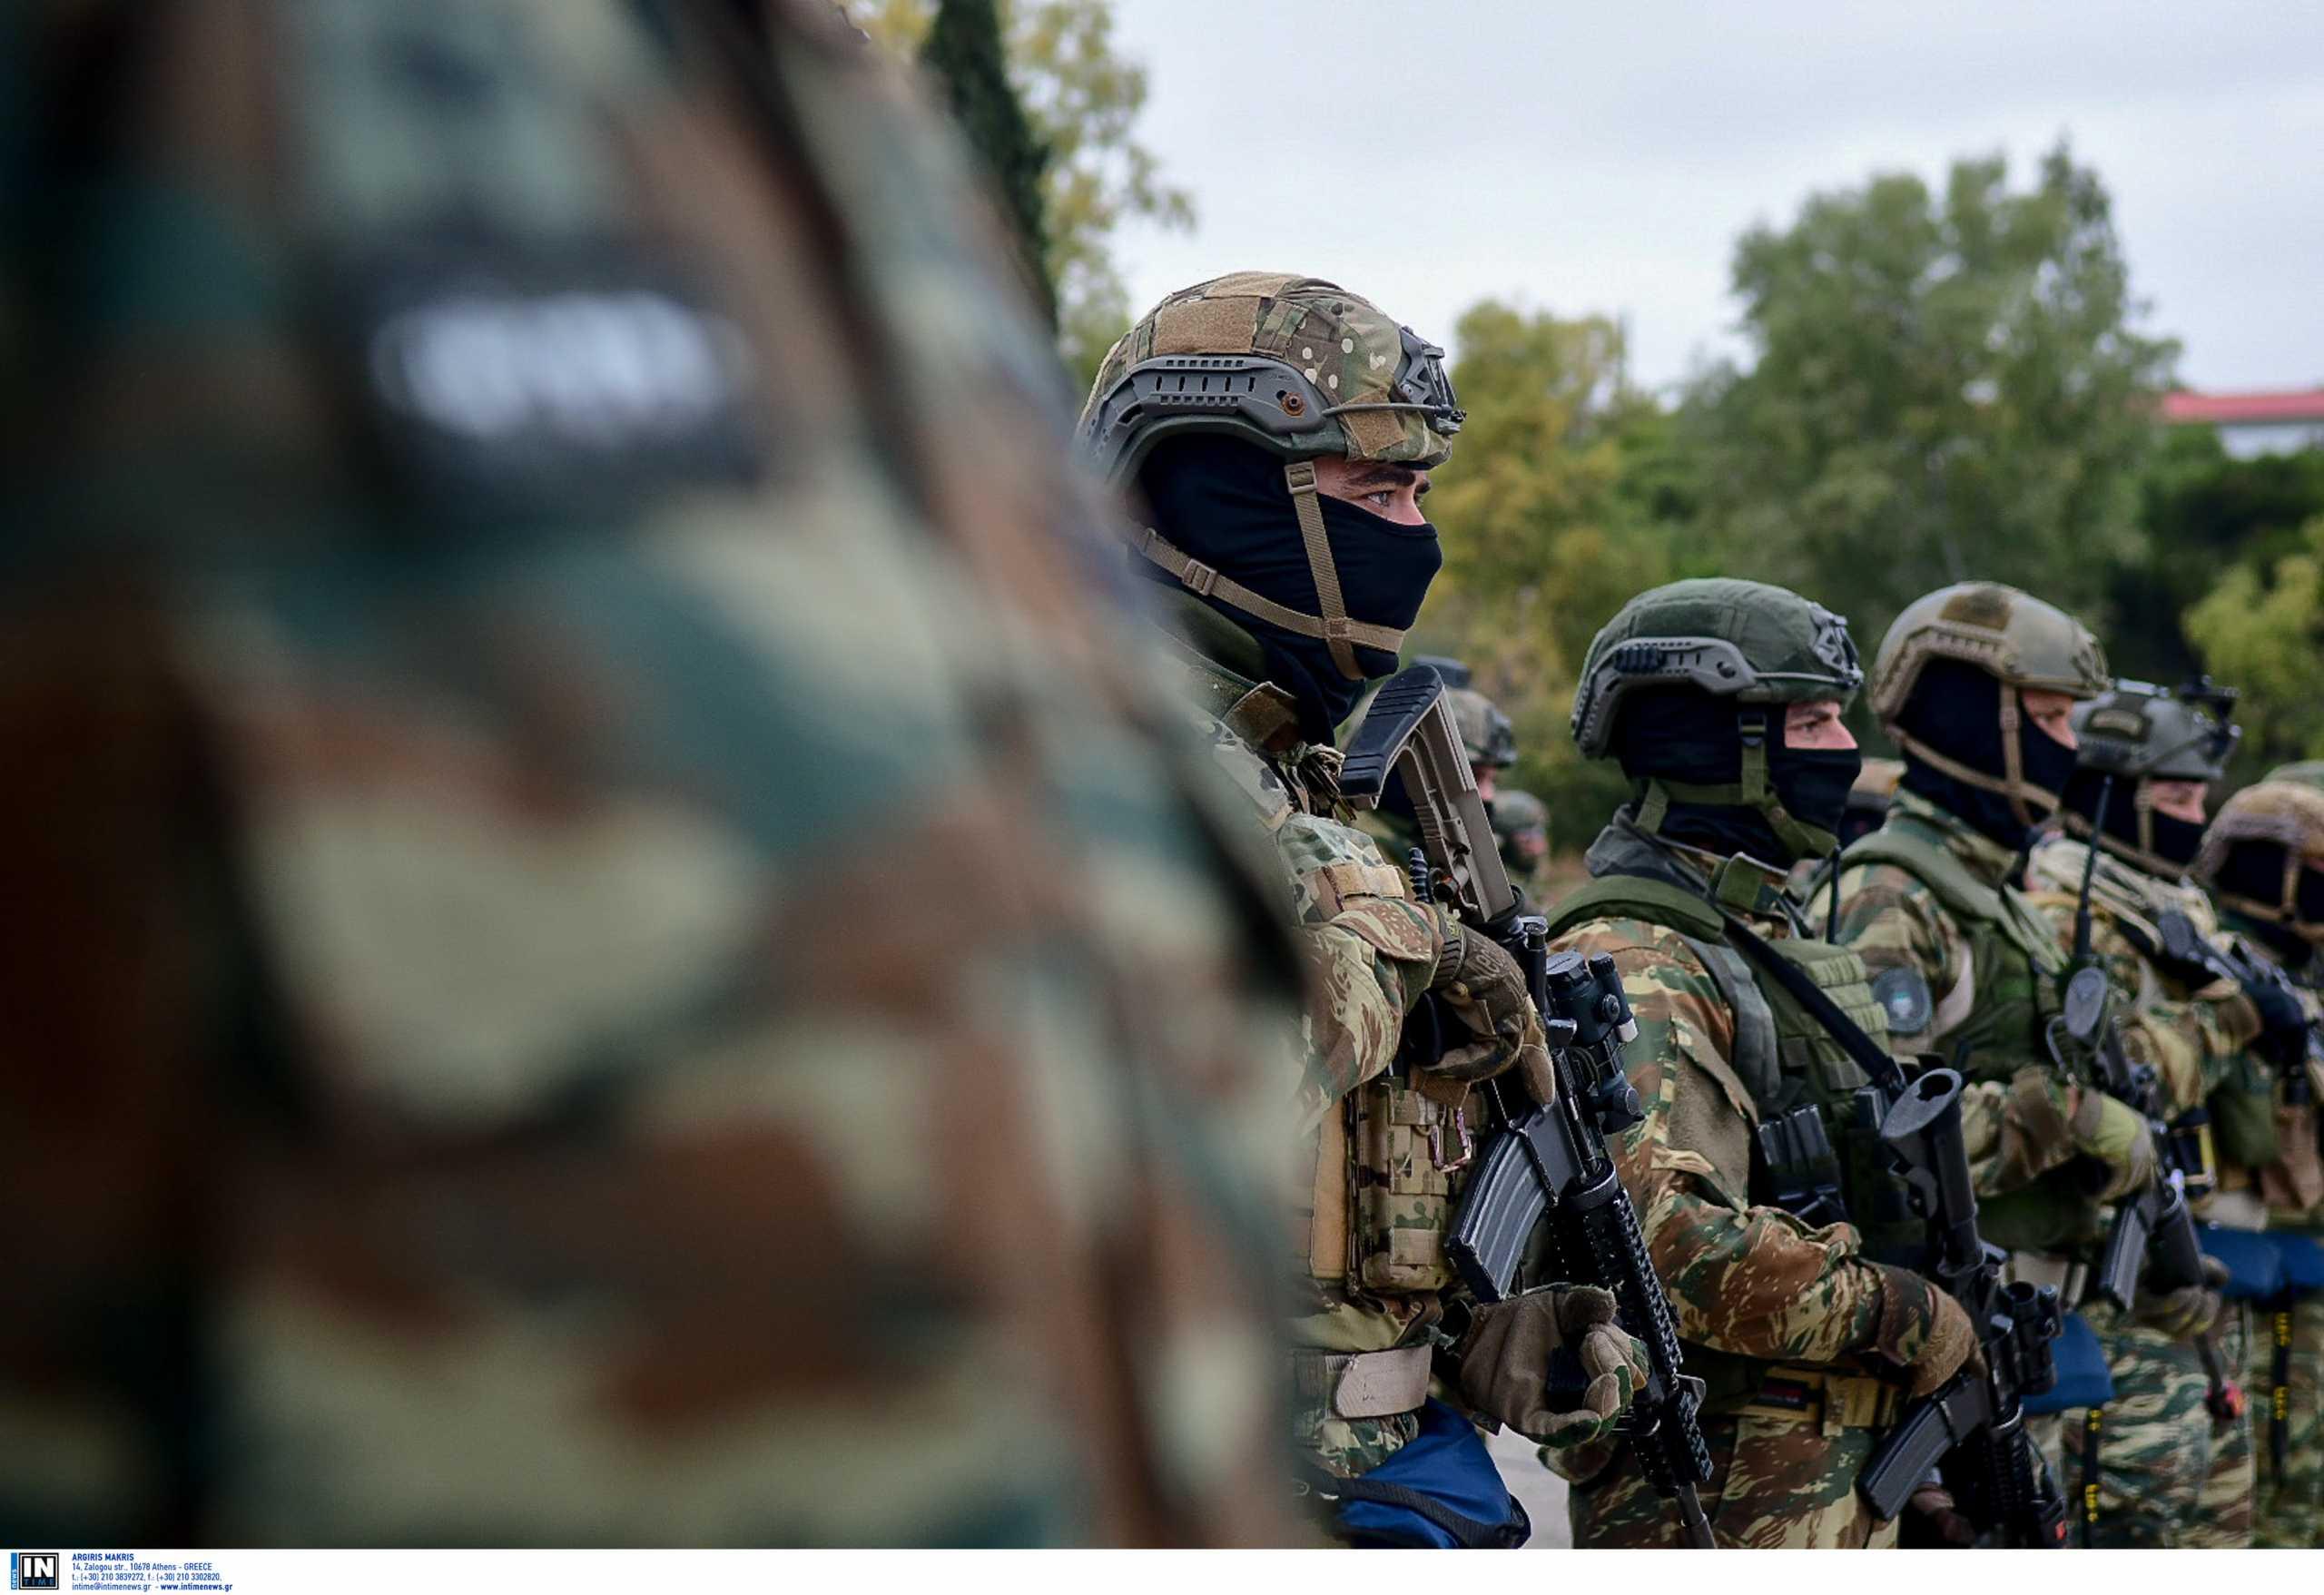 ΕΠΟΠ: Απάντηση Υφυπουργού Εθνικής Άμυνας σε ερώτηση για την προκήρυξη μετάταξης τους